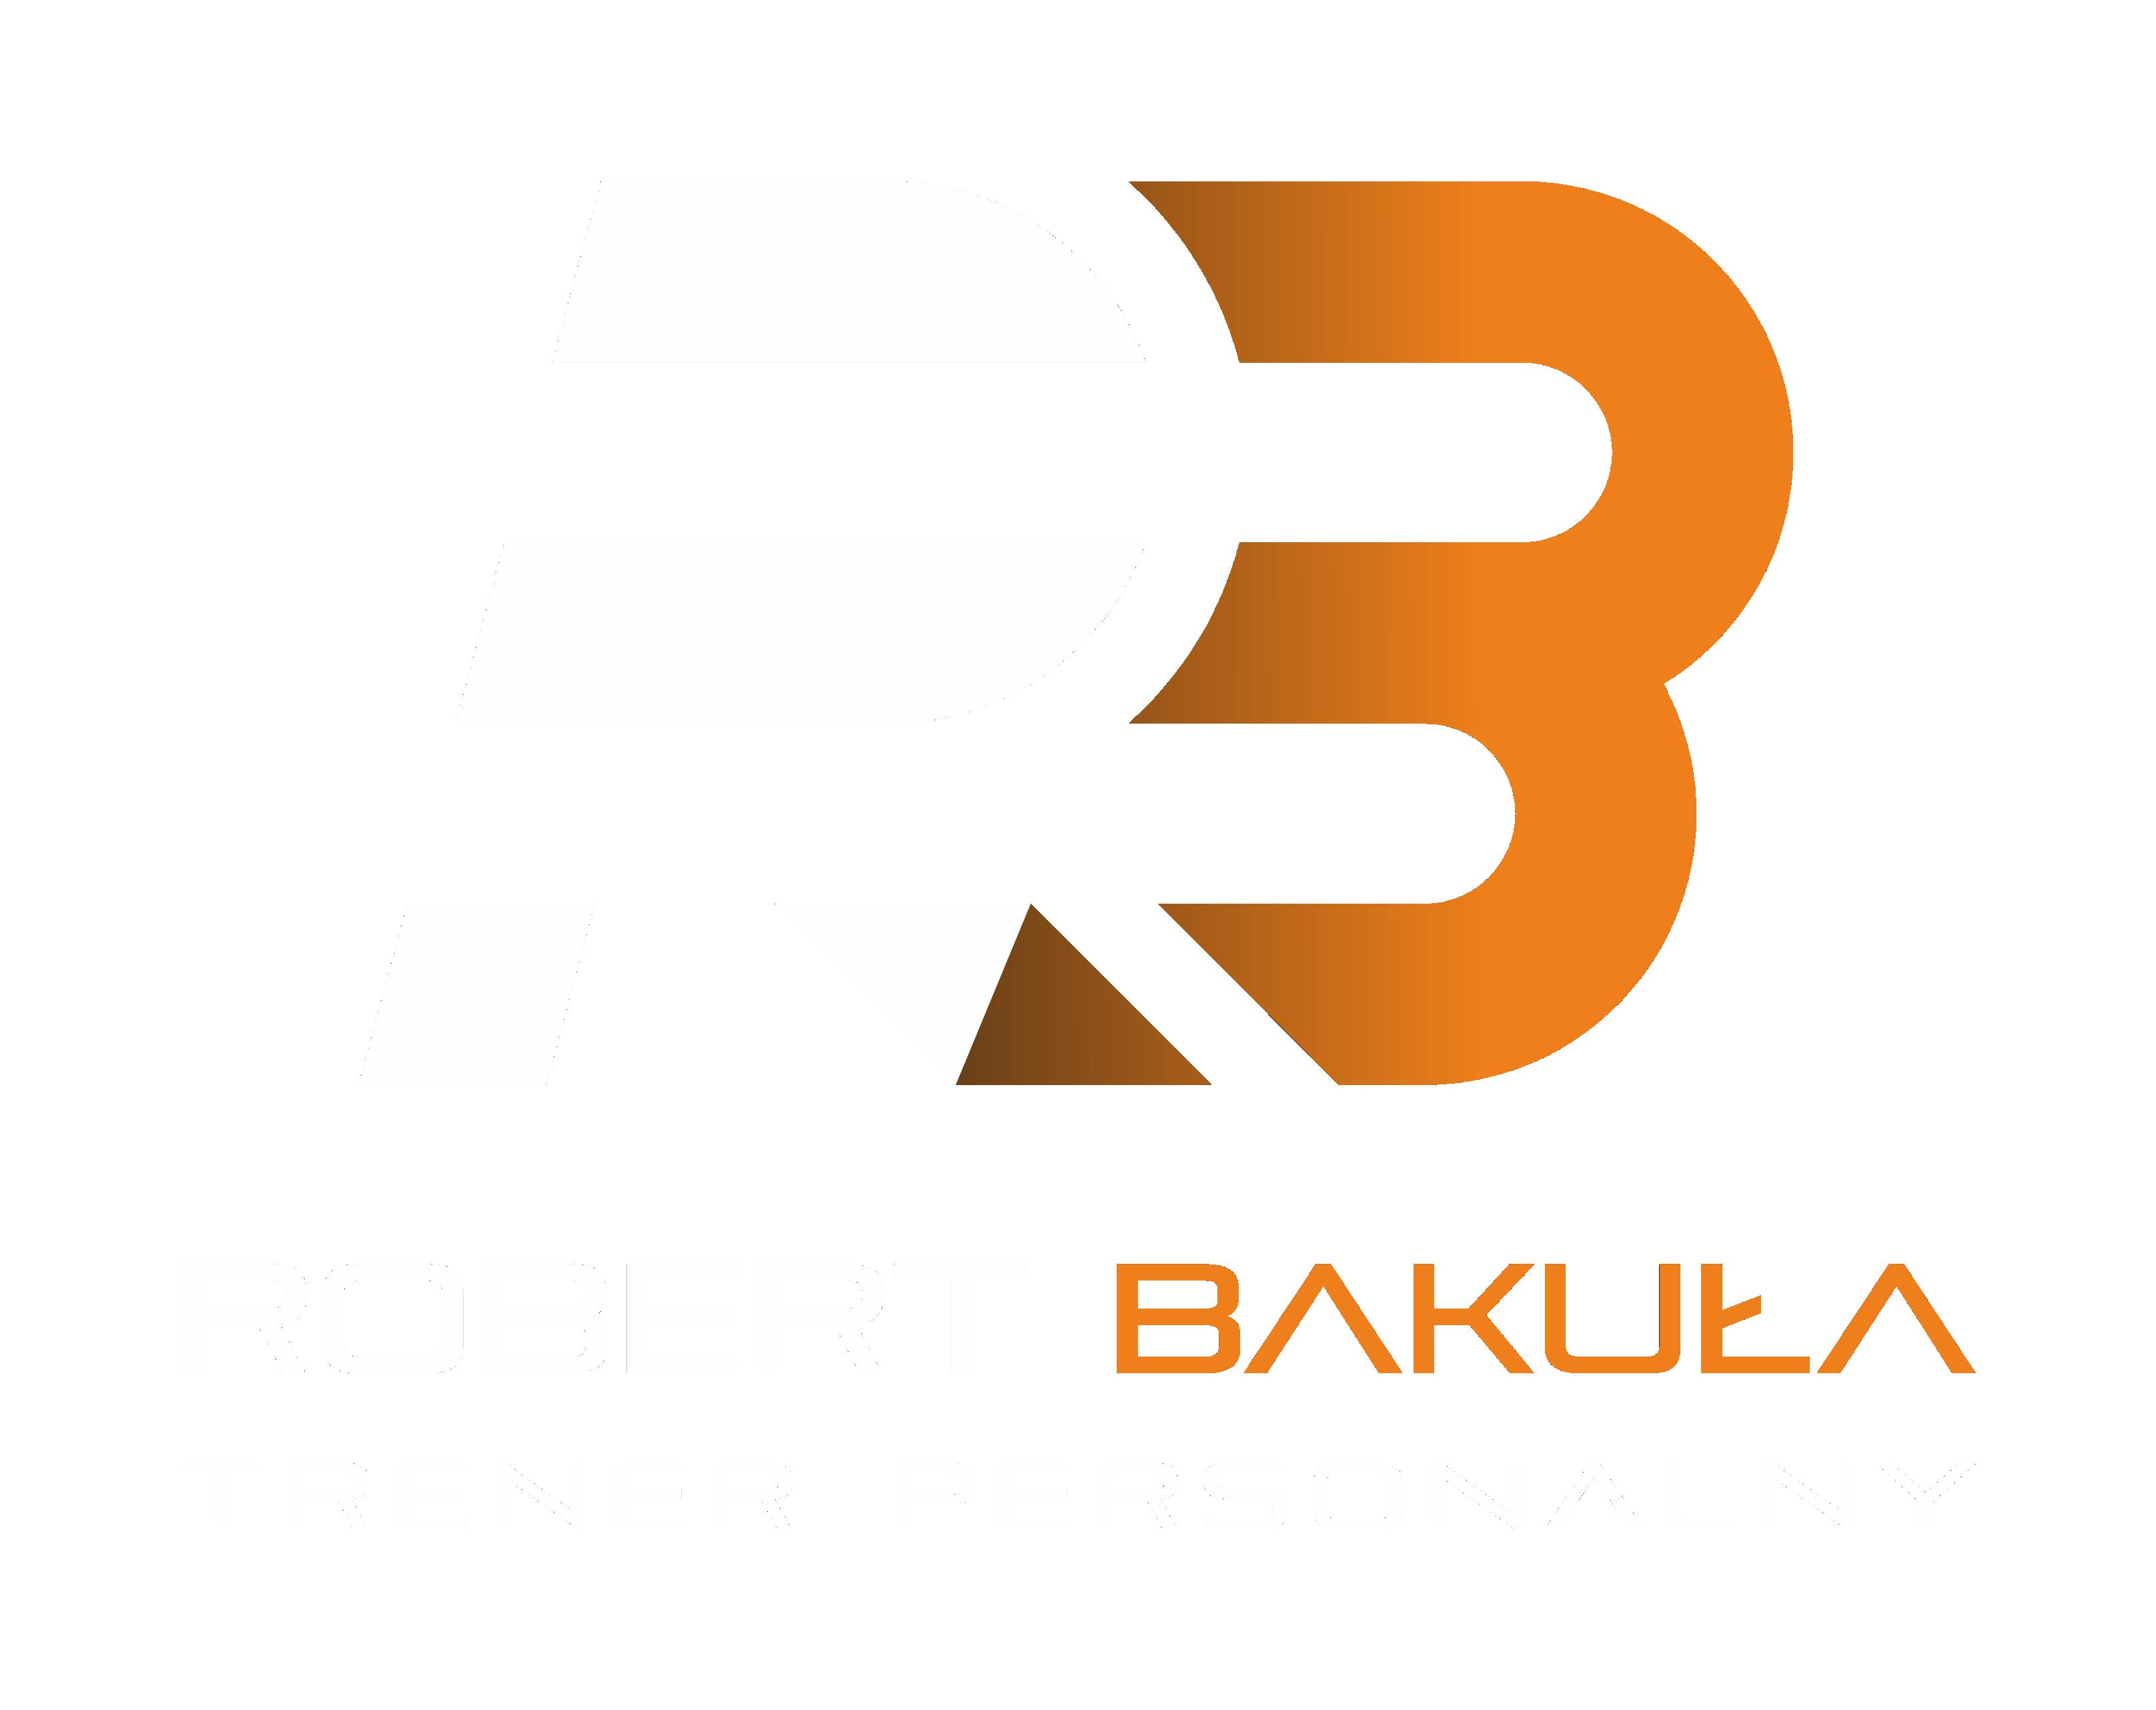 Robert Bakuła